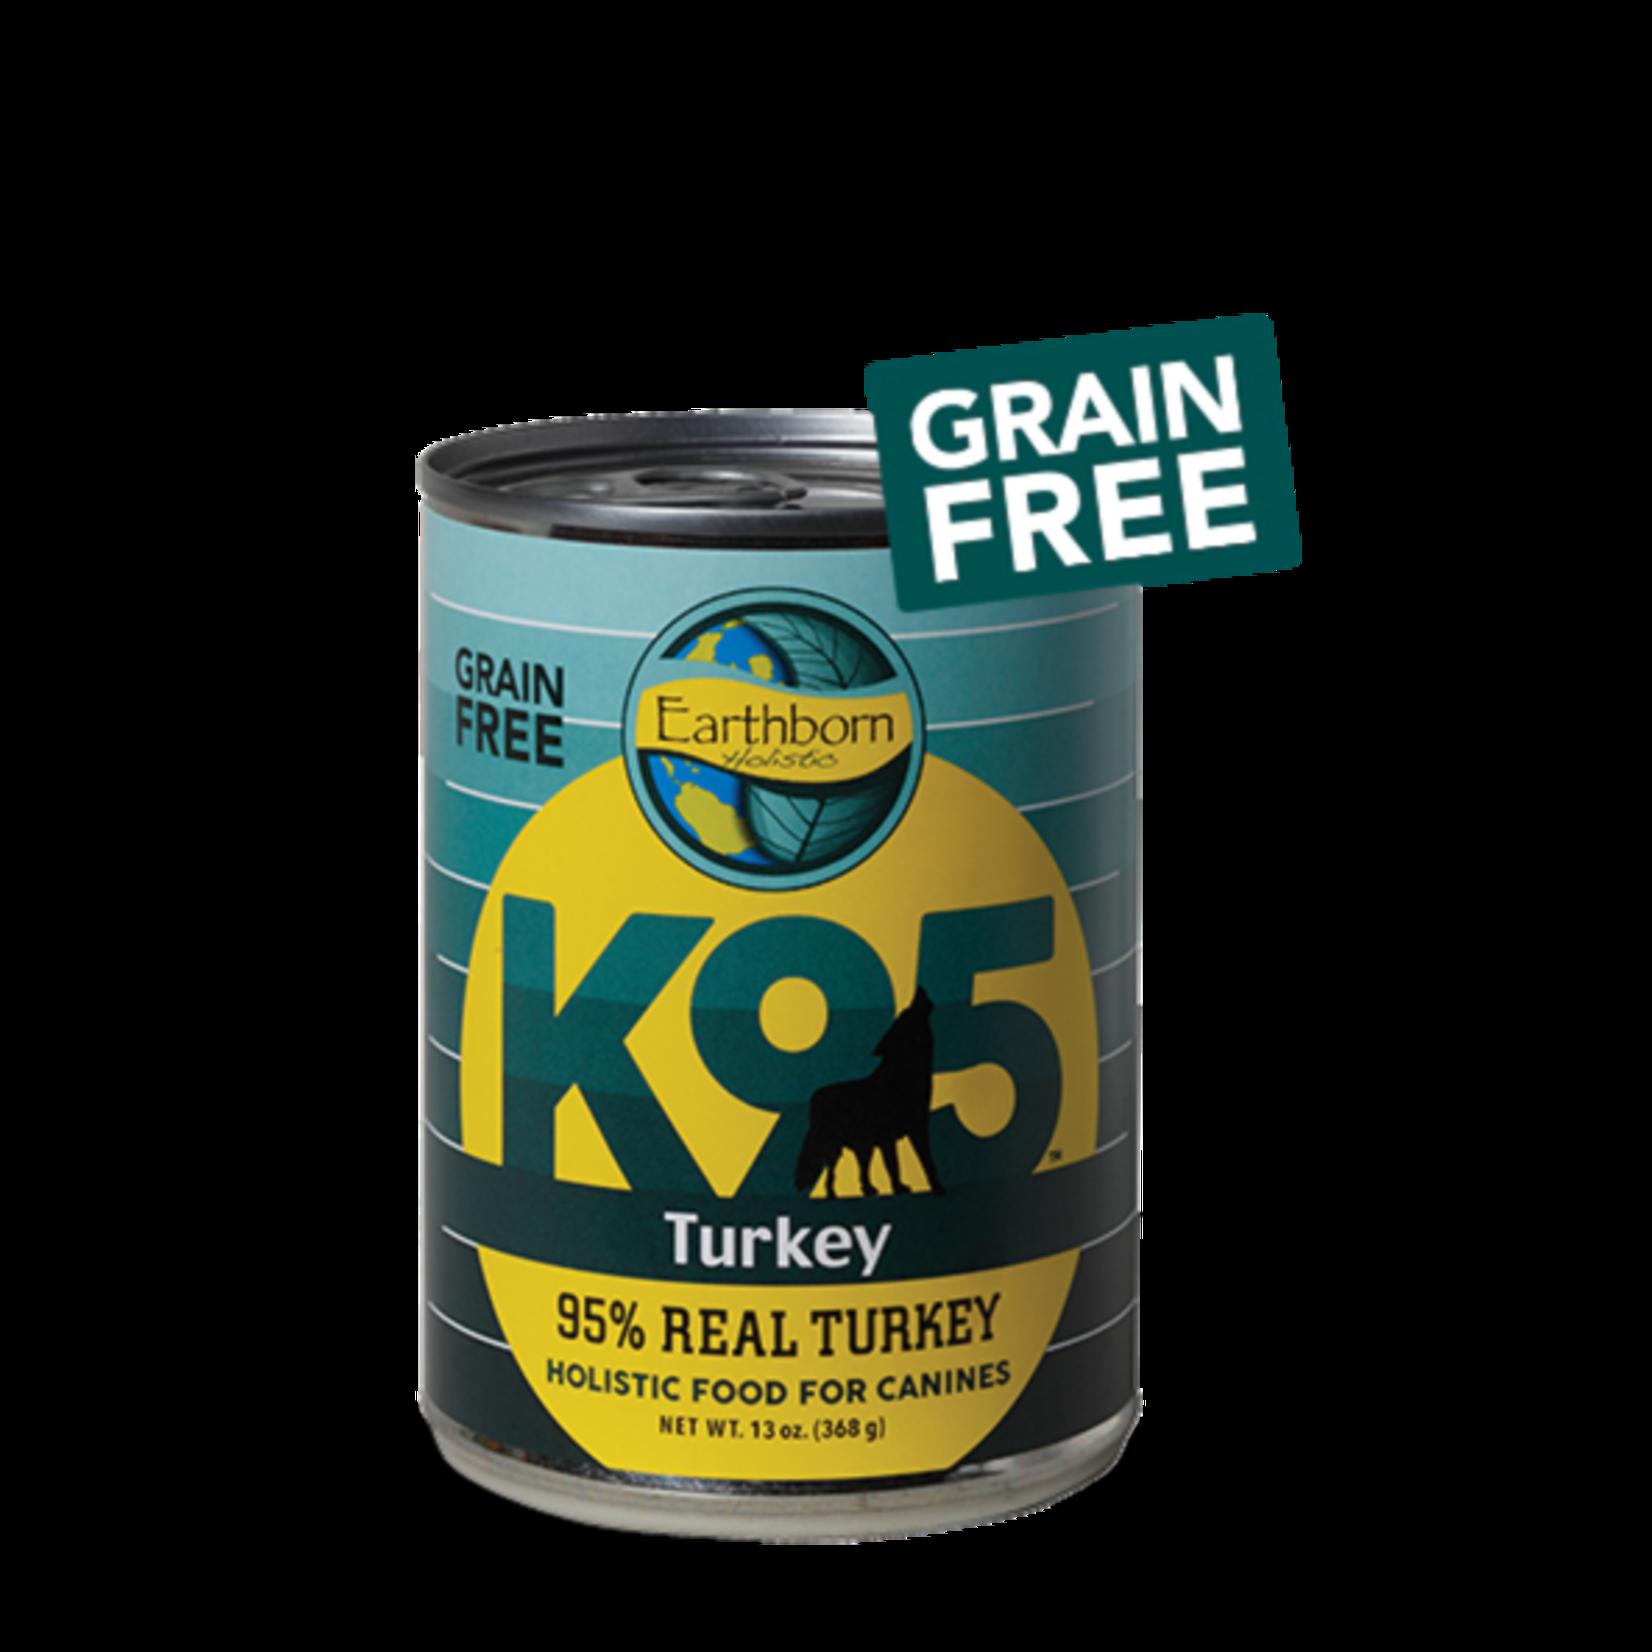 Earthborn Earthborn K95 Turkey Pâté Canned Dog Food 13oz